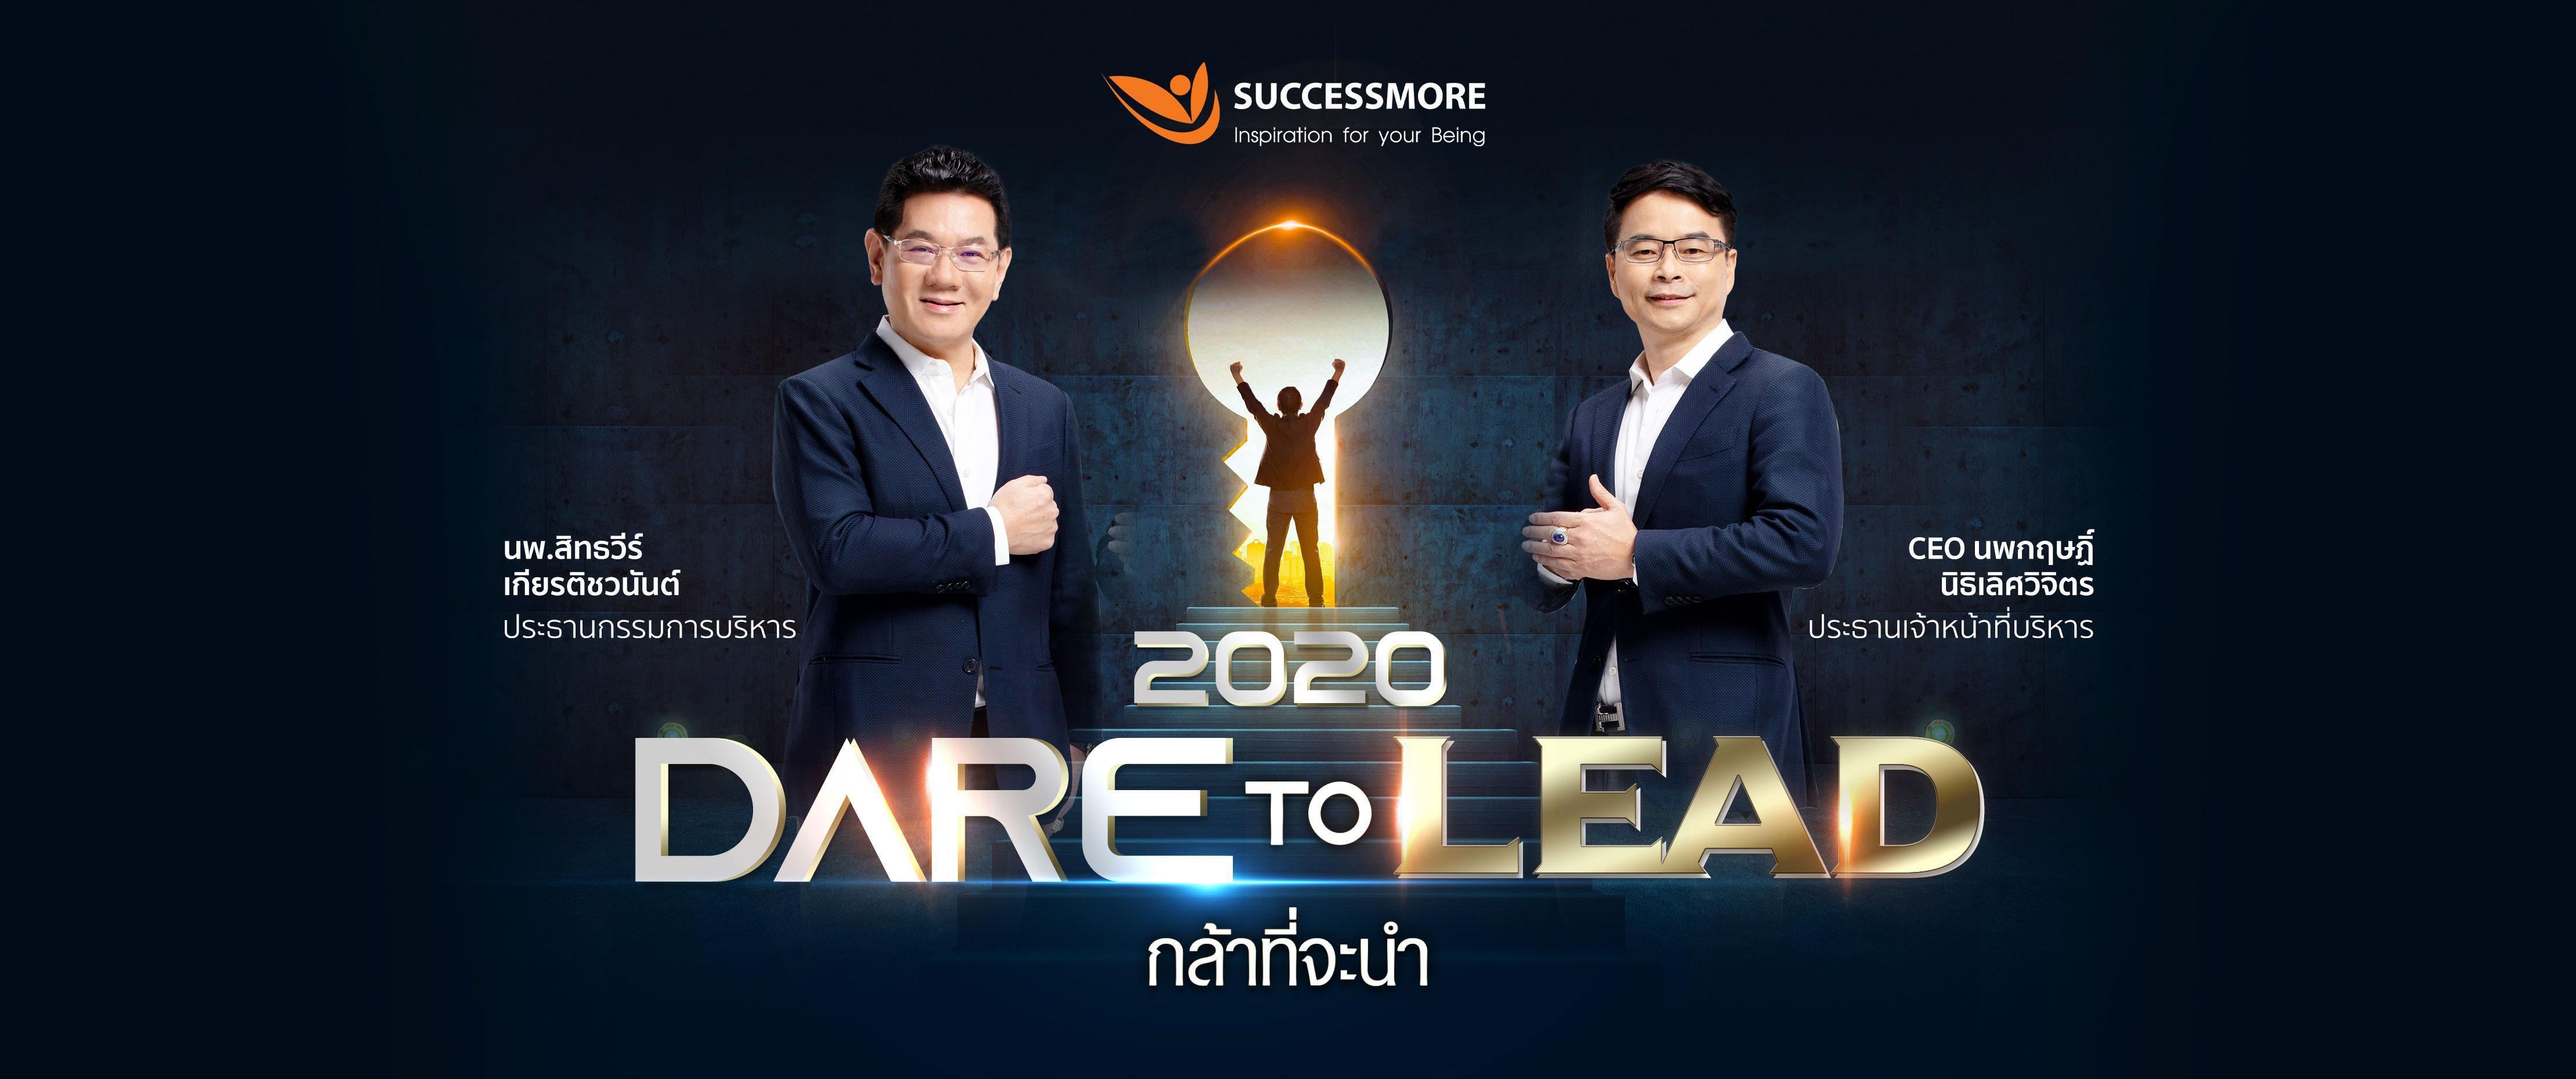 successmore-cover-2020